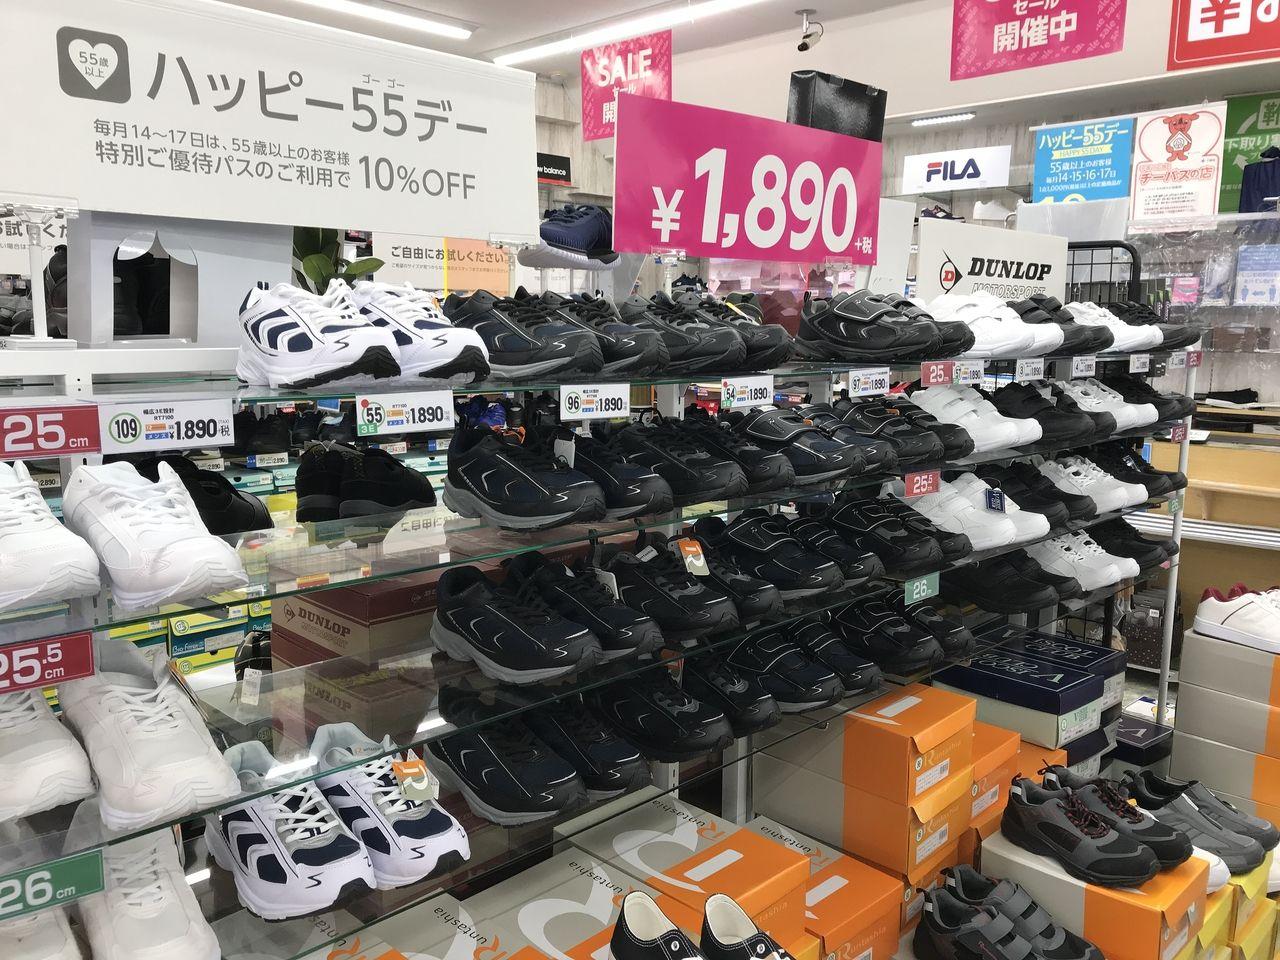 行徳の東京靴流通センターの紳士用スニーカー